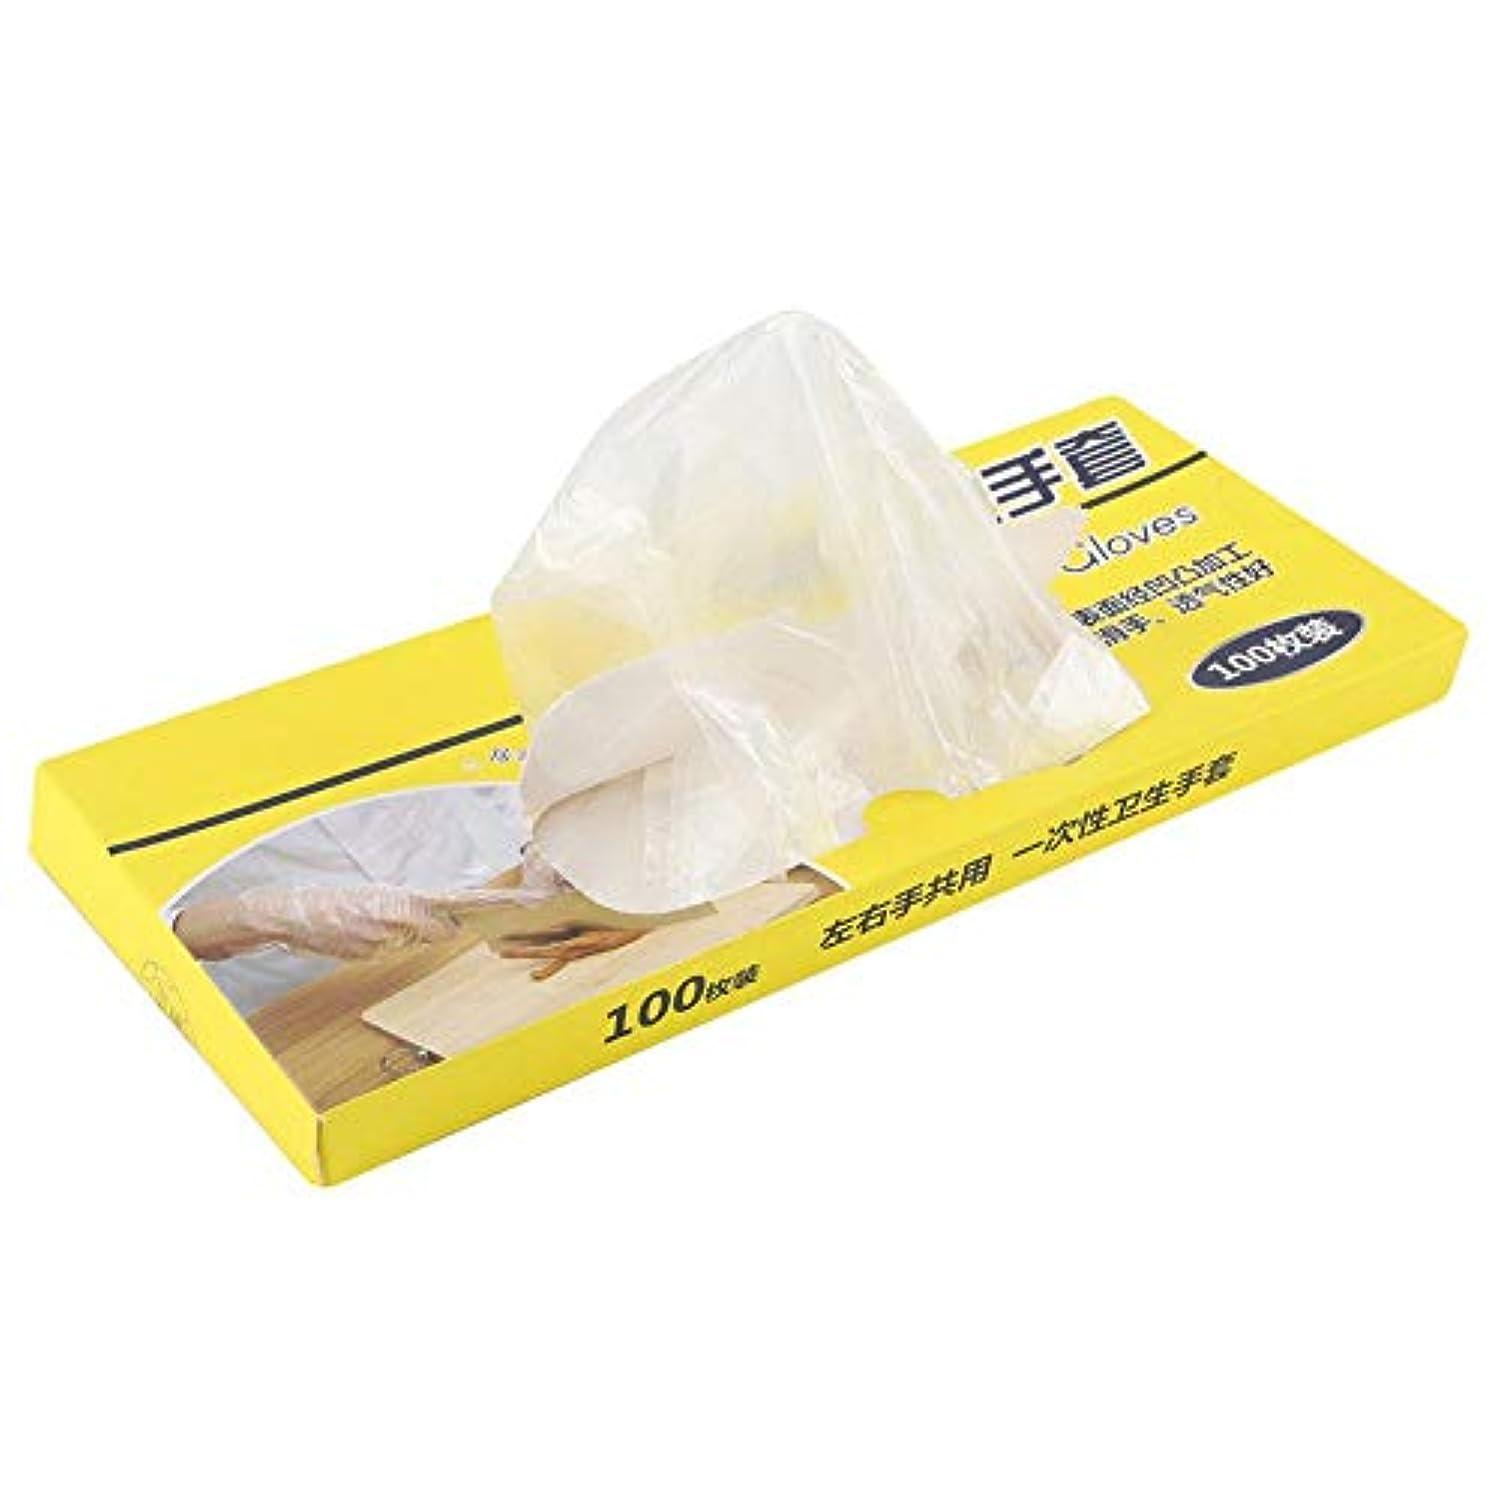 あいさつプロットアナリストYosoo 100pcs 使い捨てポリ手袋 使い捨て手袋 極薄手袋 調理 お掃除 使い捨て手袋 極薄ビニール手袋 透明 実用 衛生